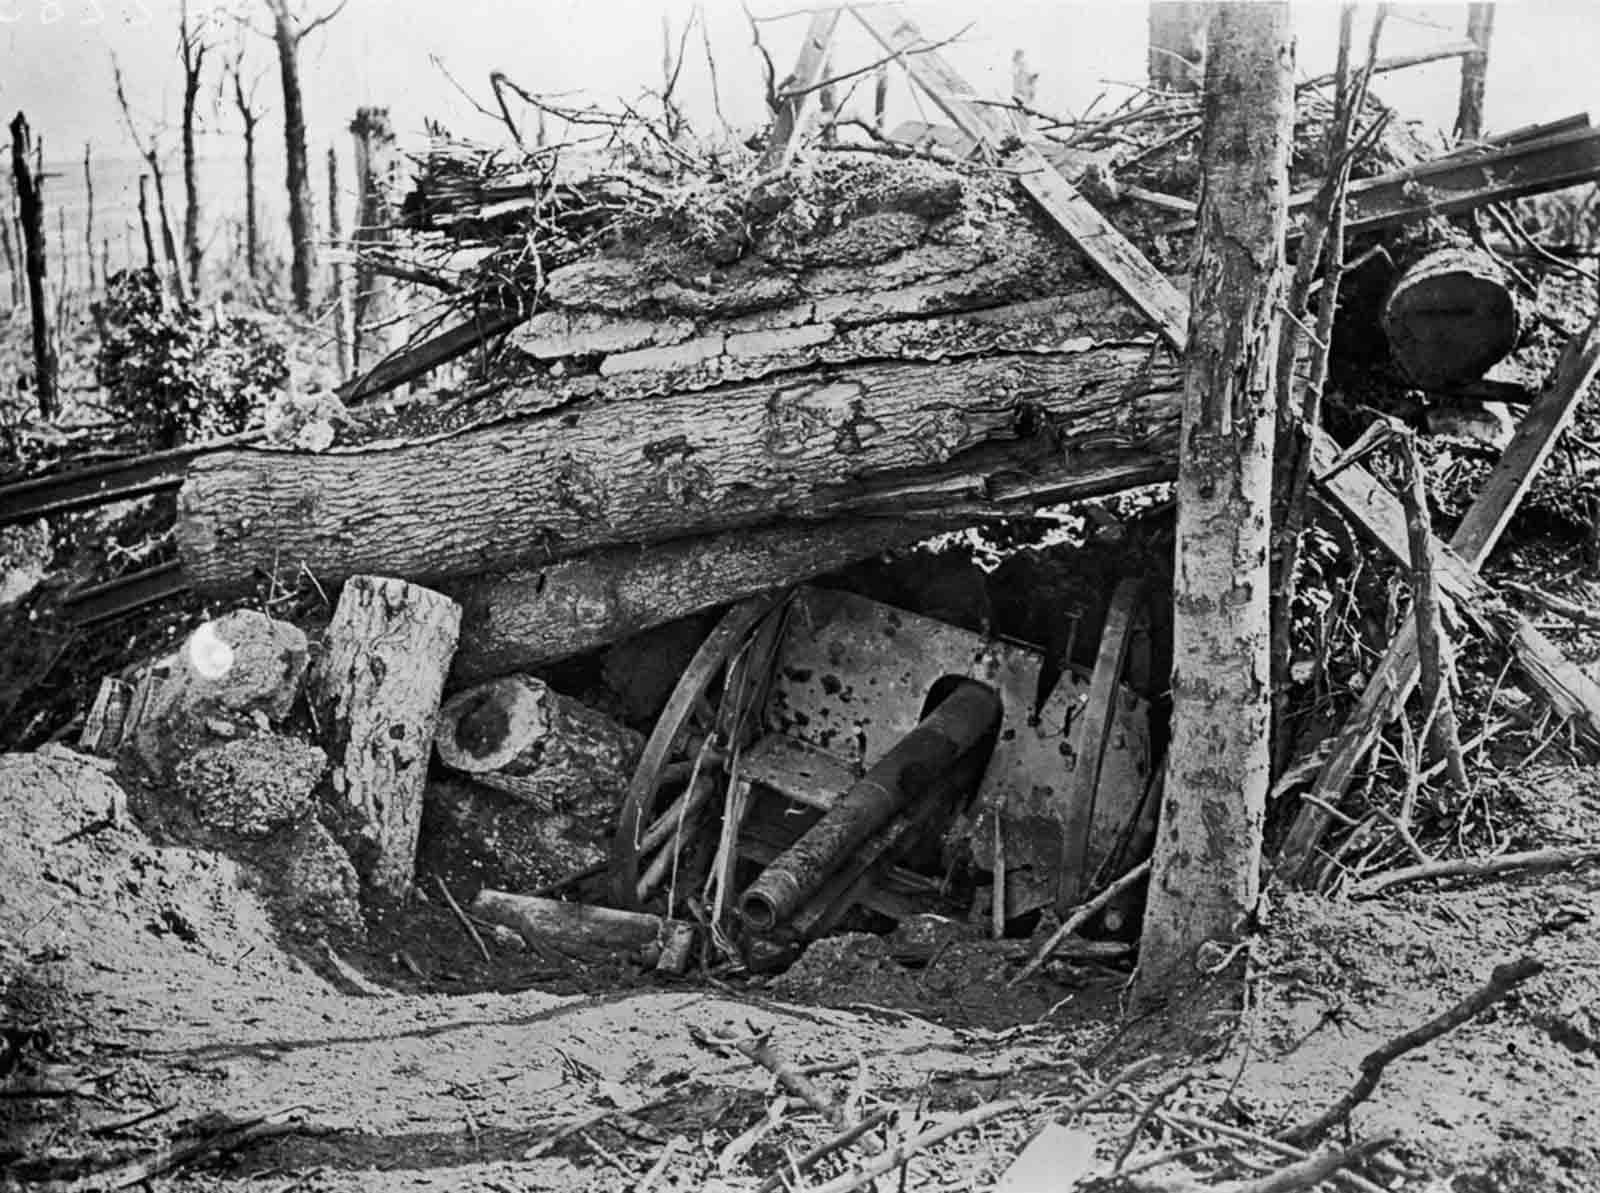 Un cañón alemán está enterrado bajo árboles arrancados en Louage Wood durante una ofensiva aliada. 10 de octubre de 1916.